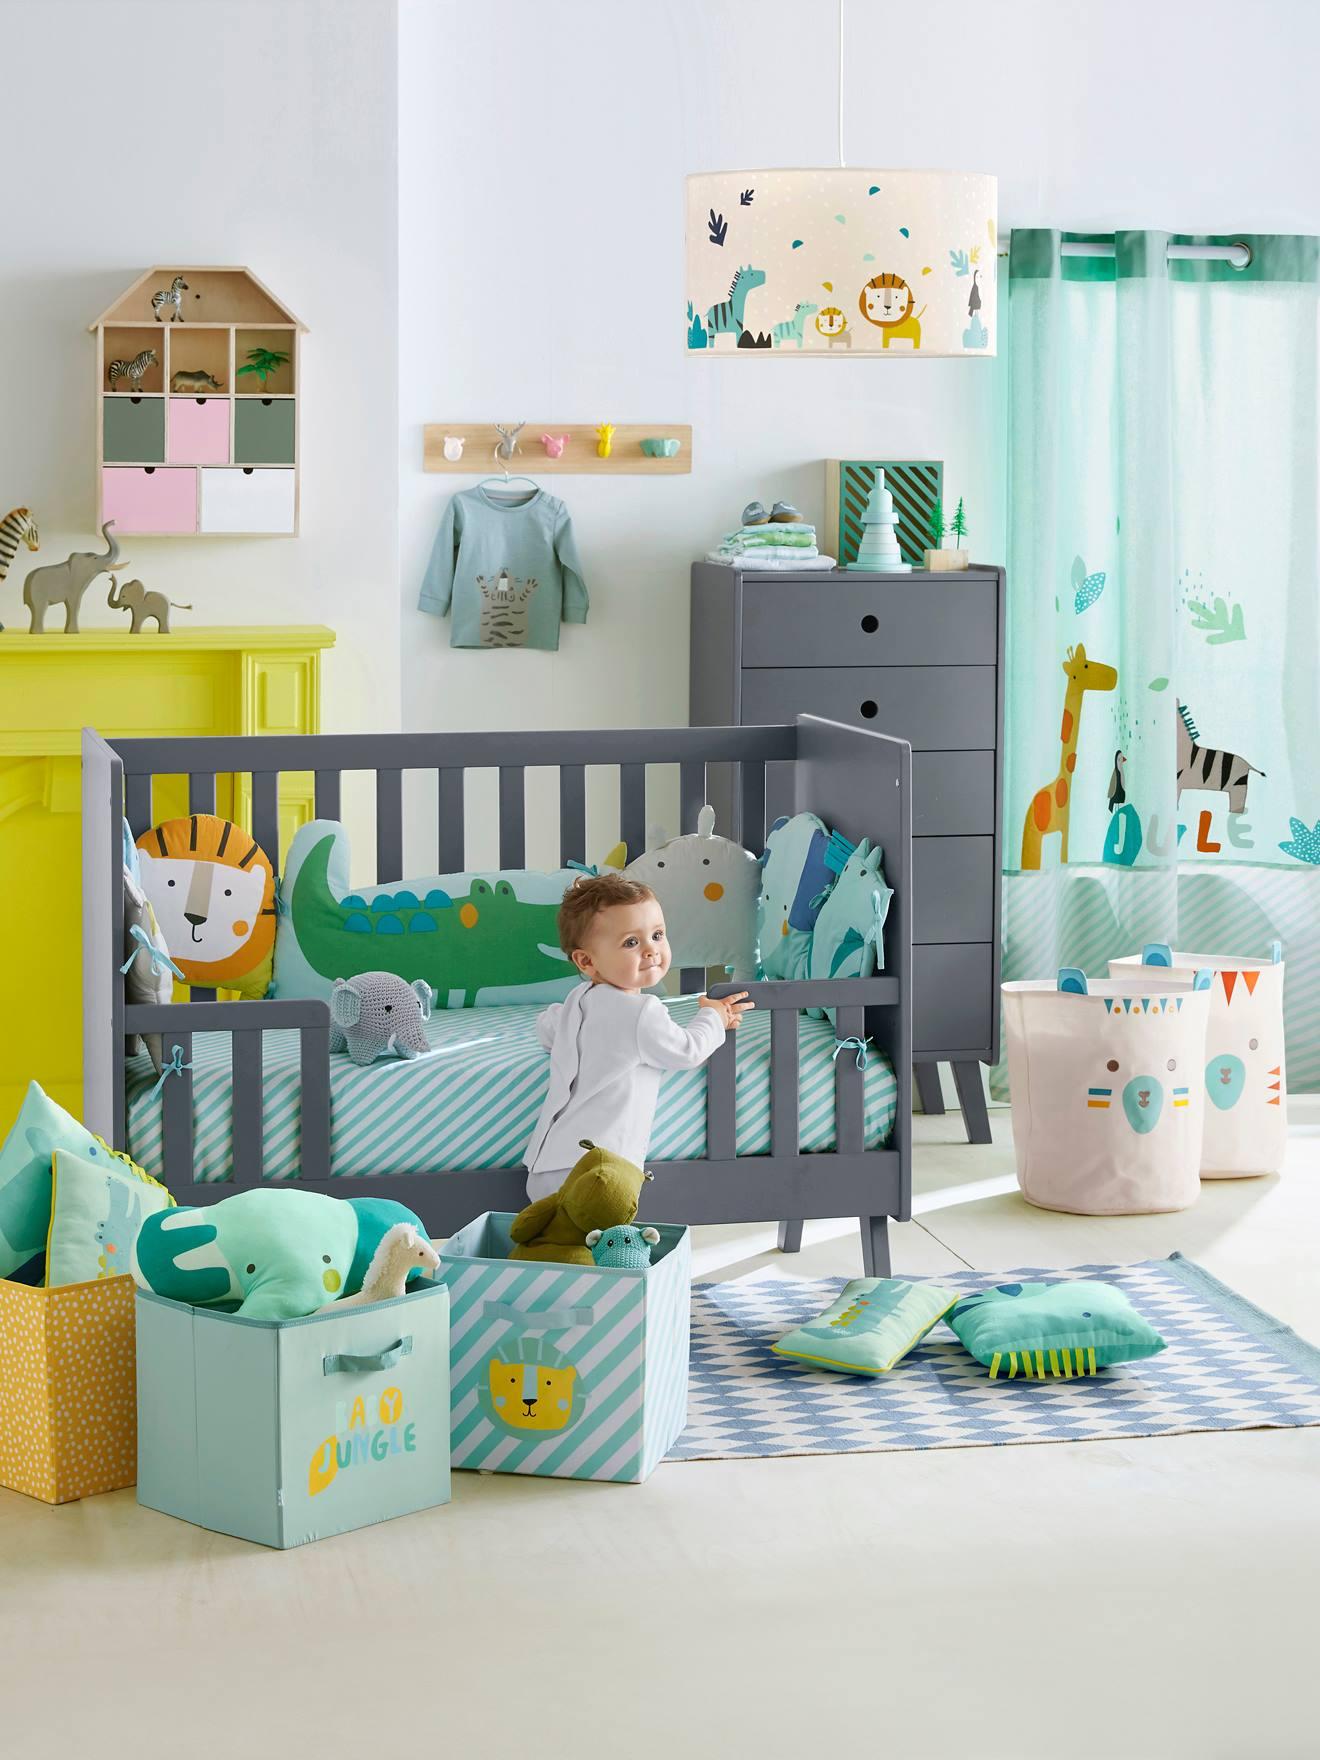 Deco Jungle Chambre Enfant rideau tamisant jungle - vert clair, linge de lit & déco